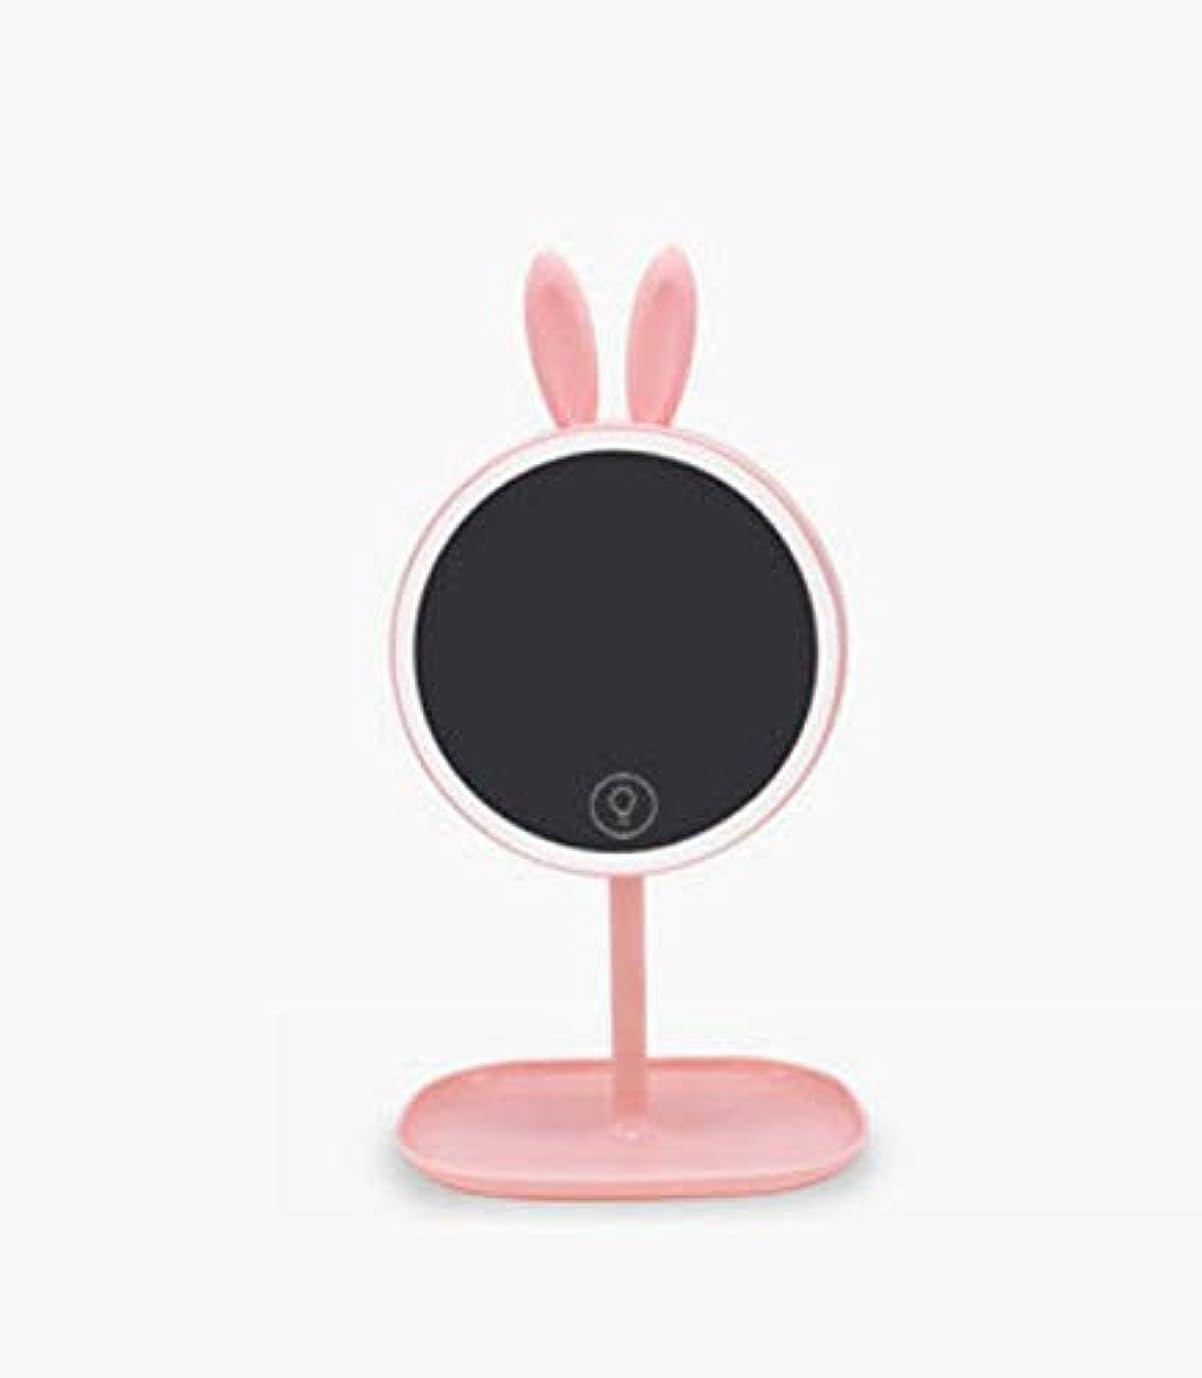 評議会押し下げるイヤホン化粧鏡、かわいい軽い耳の化粧鏡テーブルランプ付きLedライト化粧ギフト (Color : ピンク)